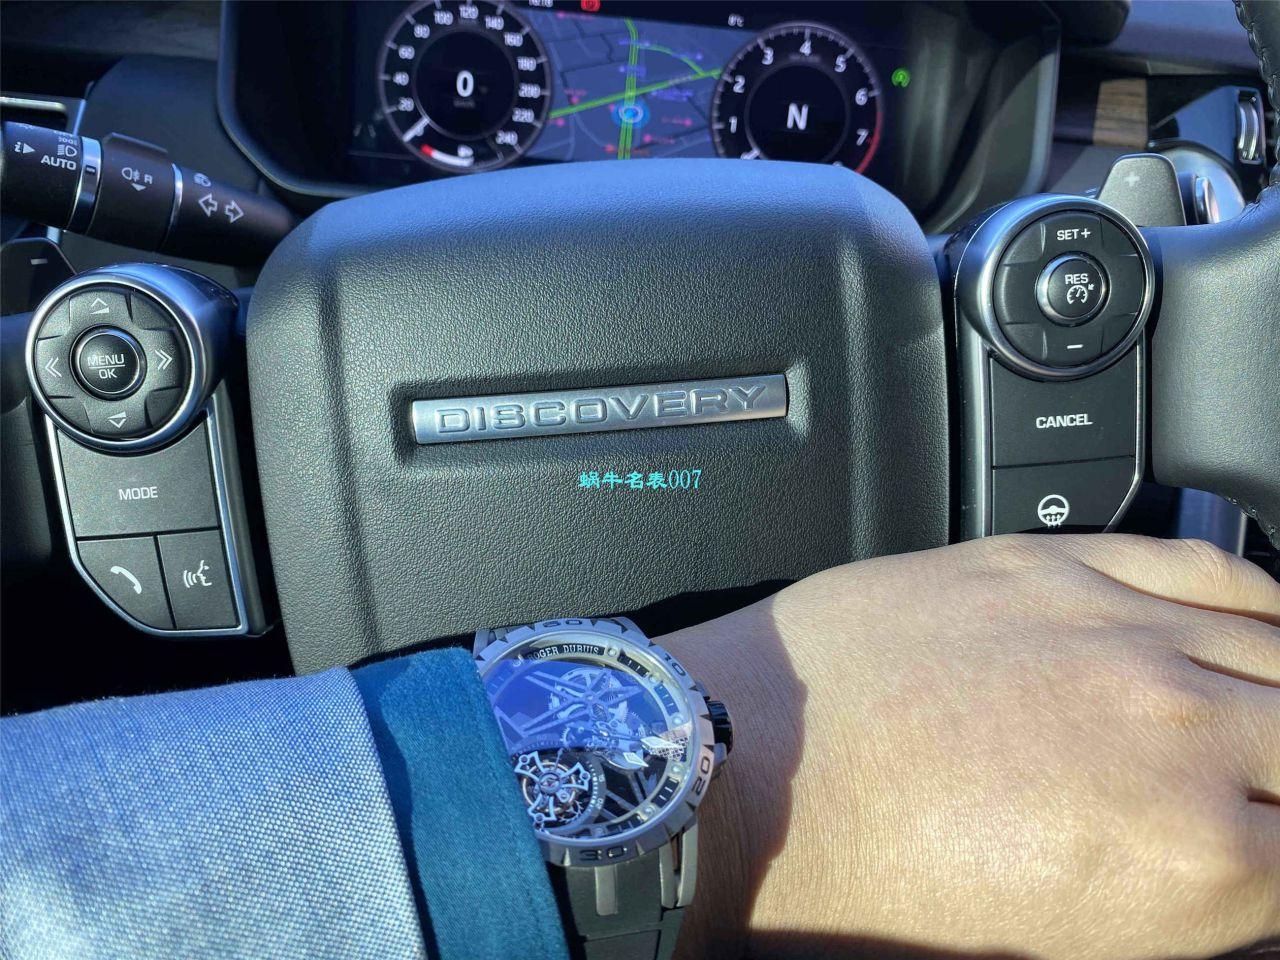 【视频评测】BBR厂顶级复刻陀飞轮Roger Dubuis罗杰杜彼王者系列RDDBEX0479腕表 / LJ068